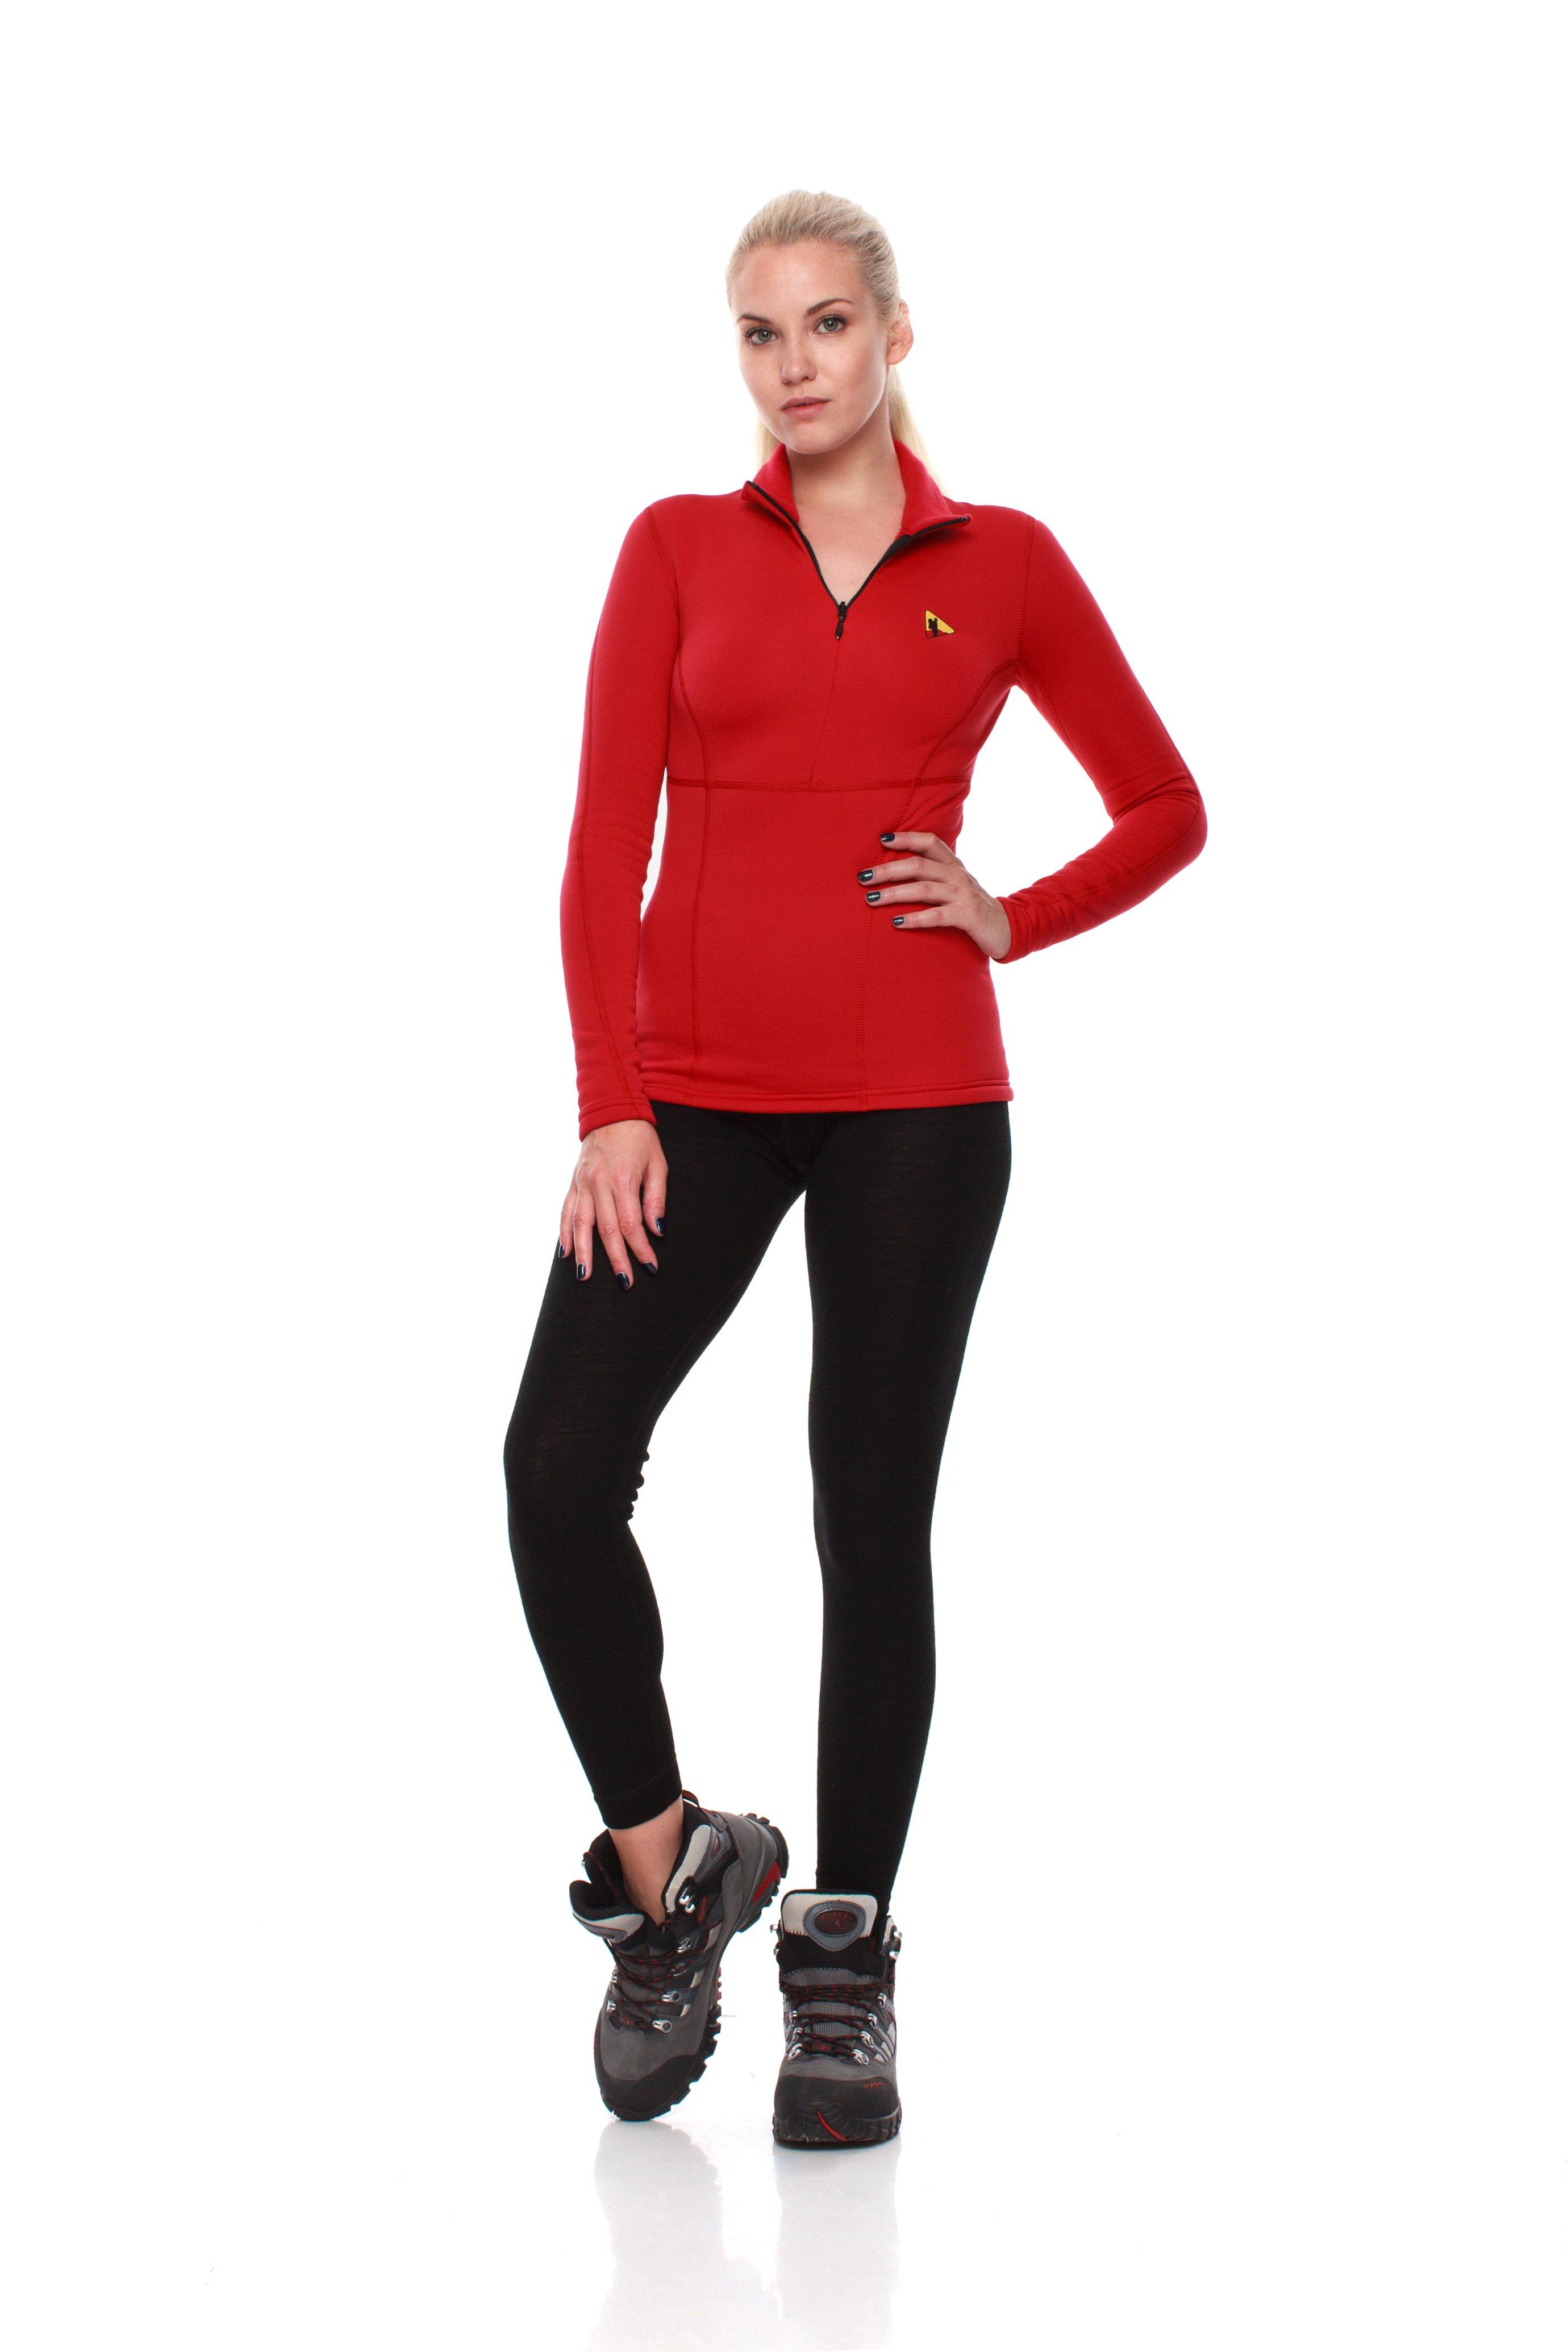 Куртка BASK T-SKIN LADY JACKET V2 3603AТермобелье<br>Женская куртка с короткой молнией из ткани Polartec® Power Stretch® Pro.<br><br>Вес изделия: 247<br>Воротник: Да<br>Материал: Polartec® Power Stretch® Pro<br>Молнии: Да<br>Плотность ткани г/м2: 241<br>Пол: Жен.<br>Тип шва: плоский<br>Функциональная задняя молния: Нет<br>Размер INT: XS<br>Цвет: СЕРЫЙ